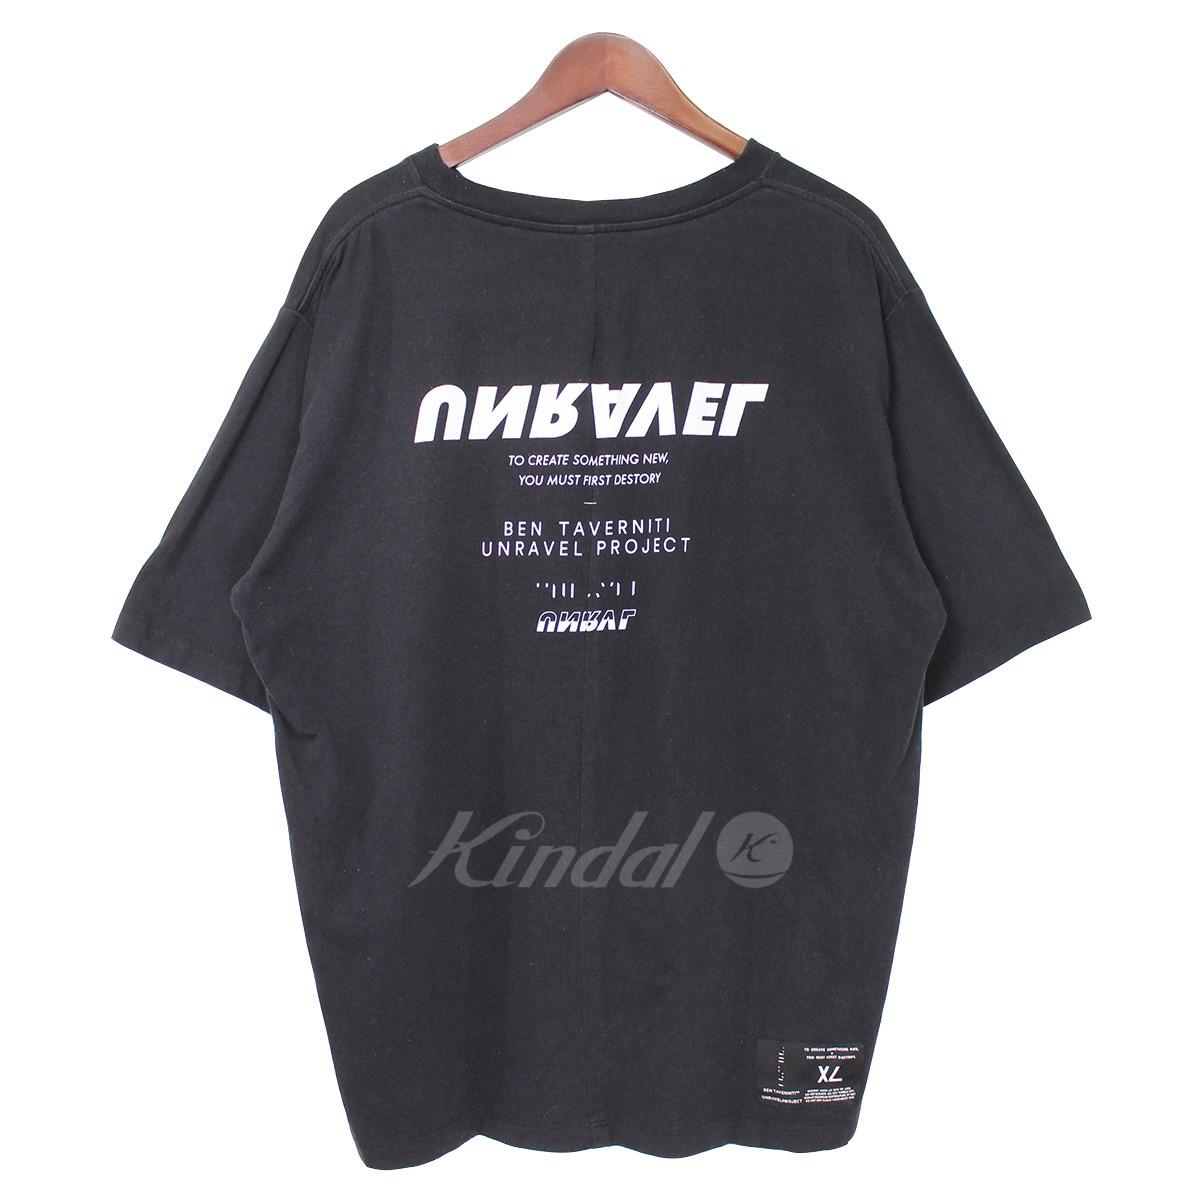 【中古】BEN TAVERNITI UNRAVEL PROJECT バックロゴTシャツ 【送料無料】 【007640】 【KIND1550】